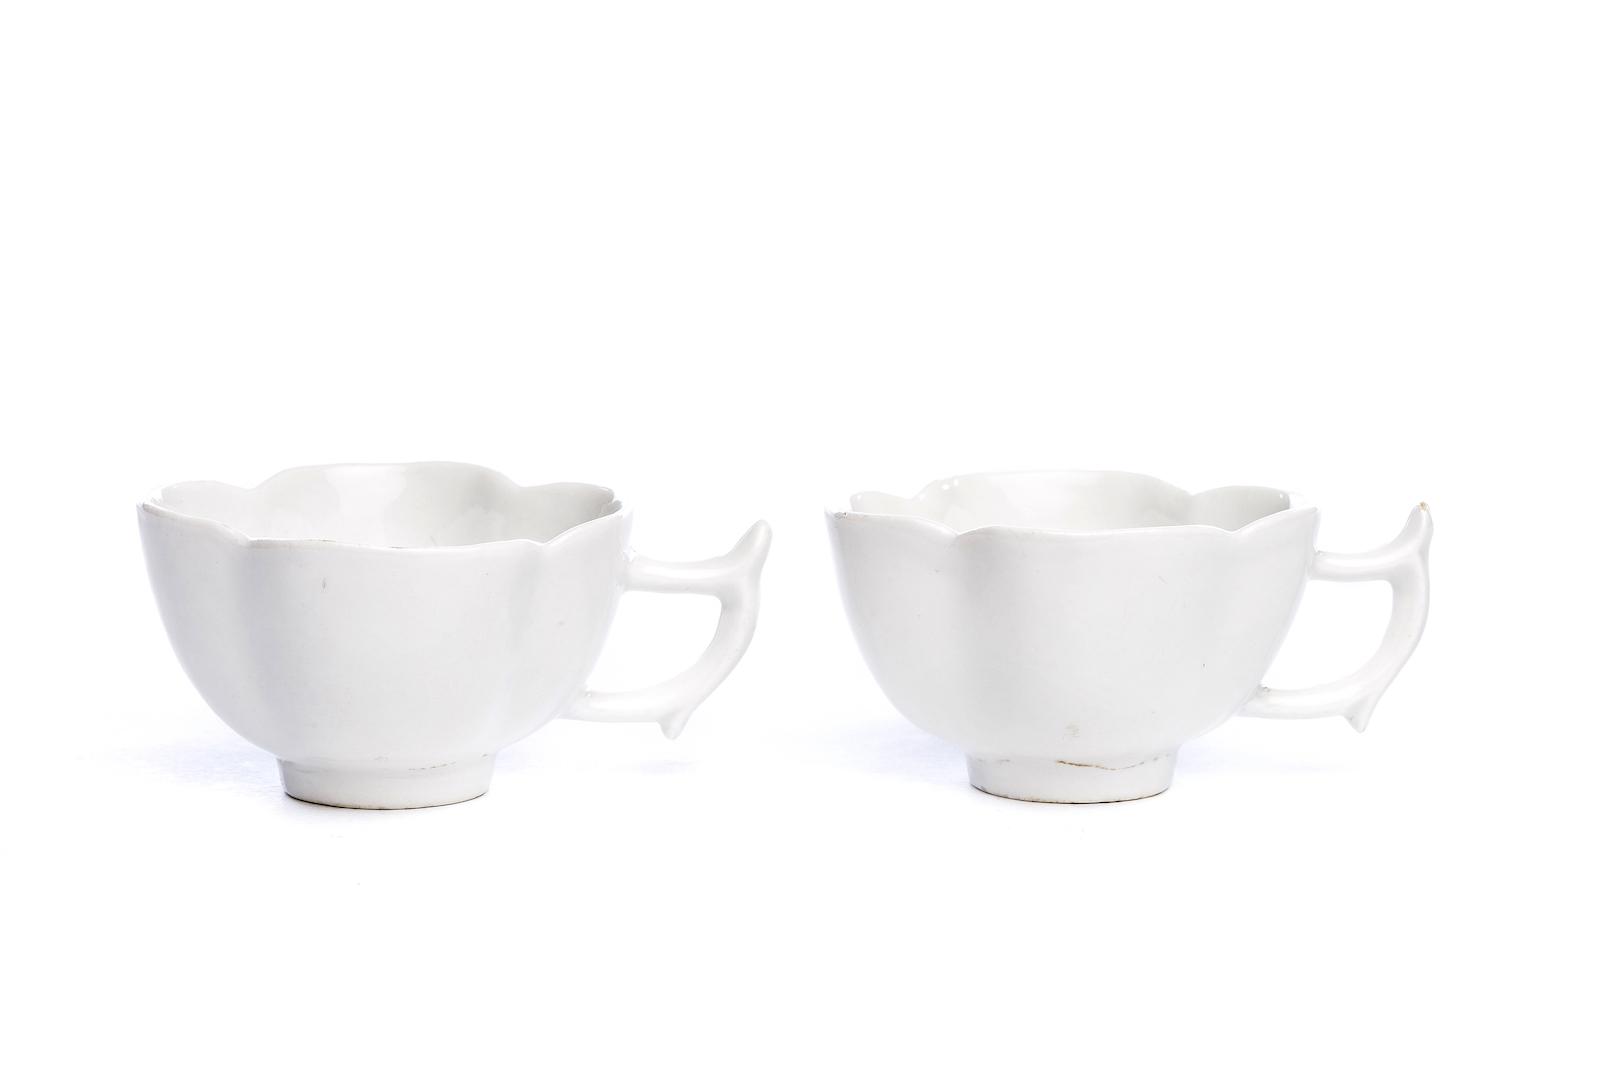 #200 Zwei kleine Tassen, weißes Böttgerporzellan, Meissen 1715 | Two small cups, white Böttger porcelain, Meissen 1715 Image